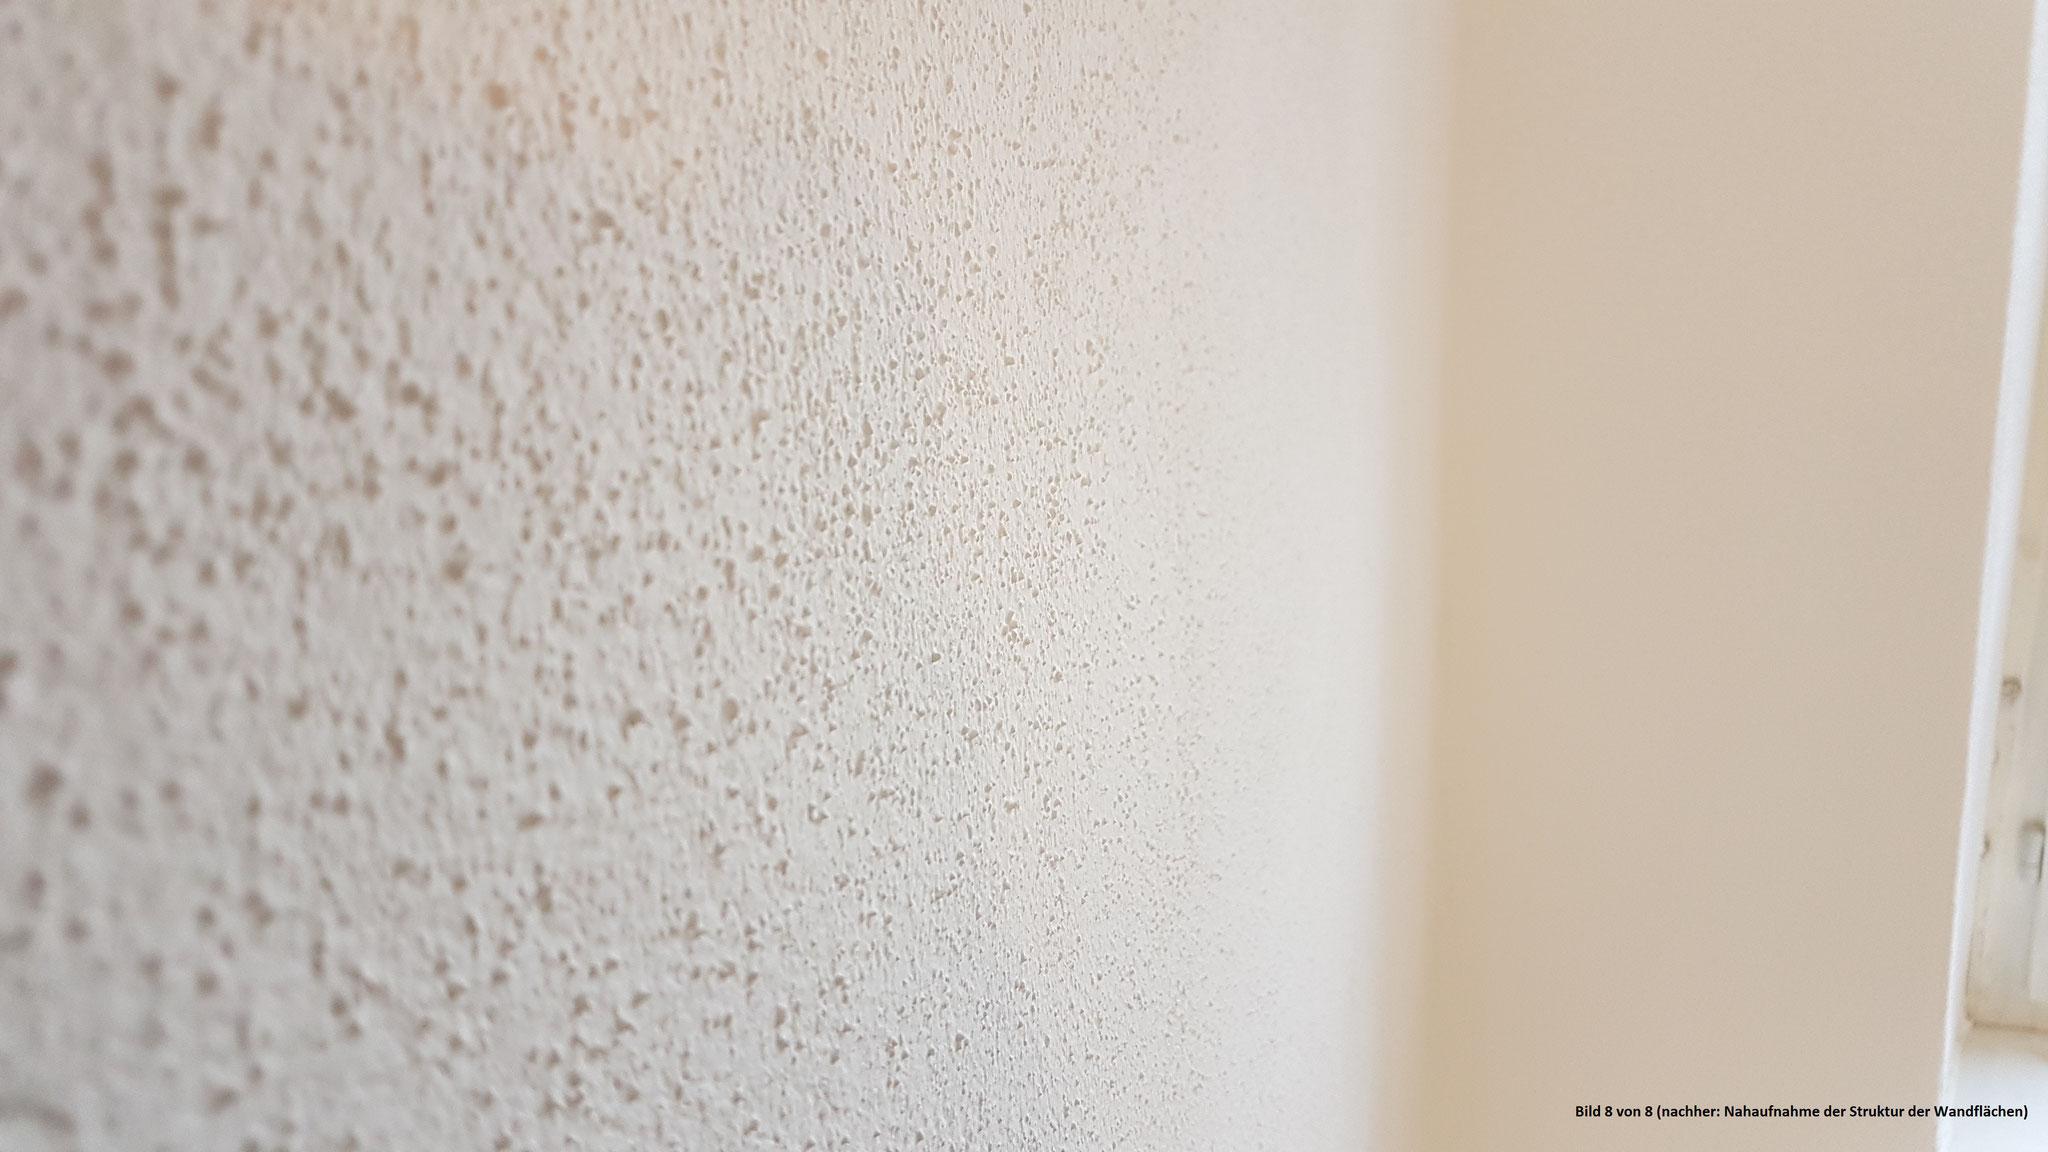 Bild 8 - nachher: Nahaufnahme der Struktur der Wandfläche